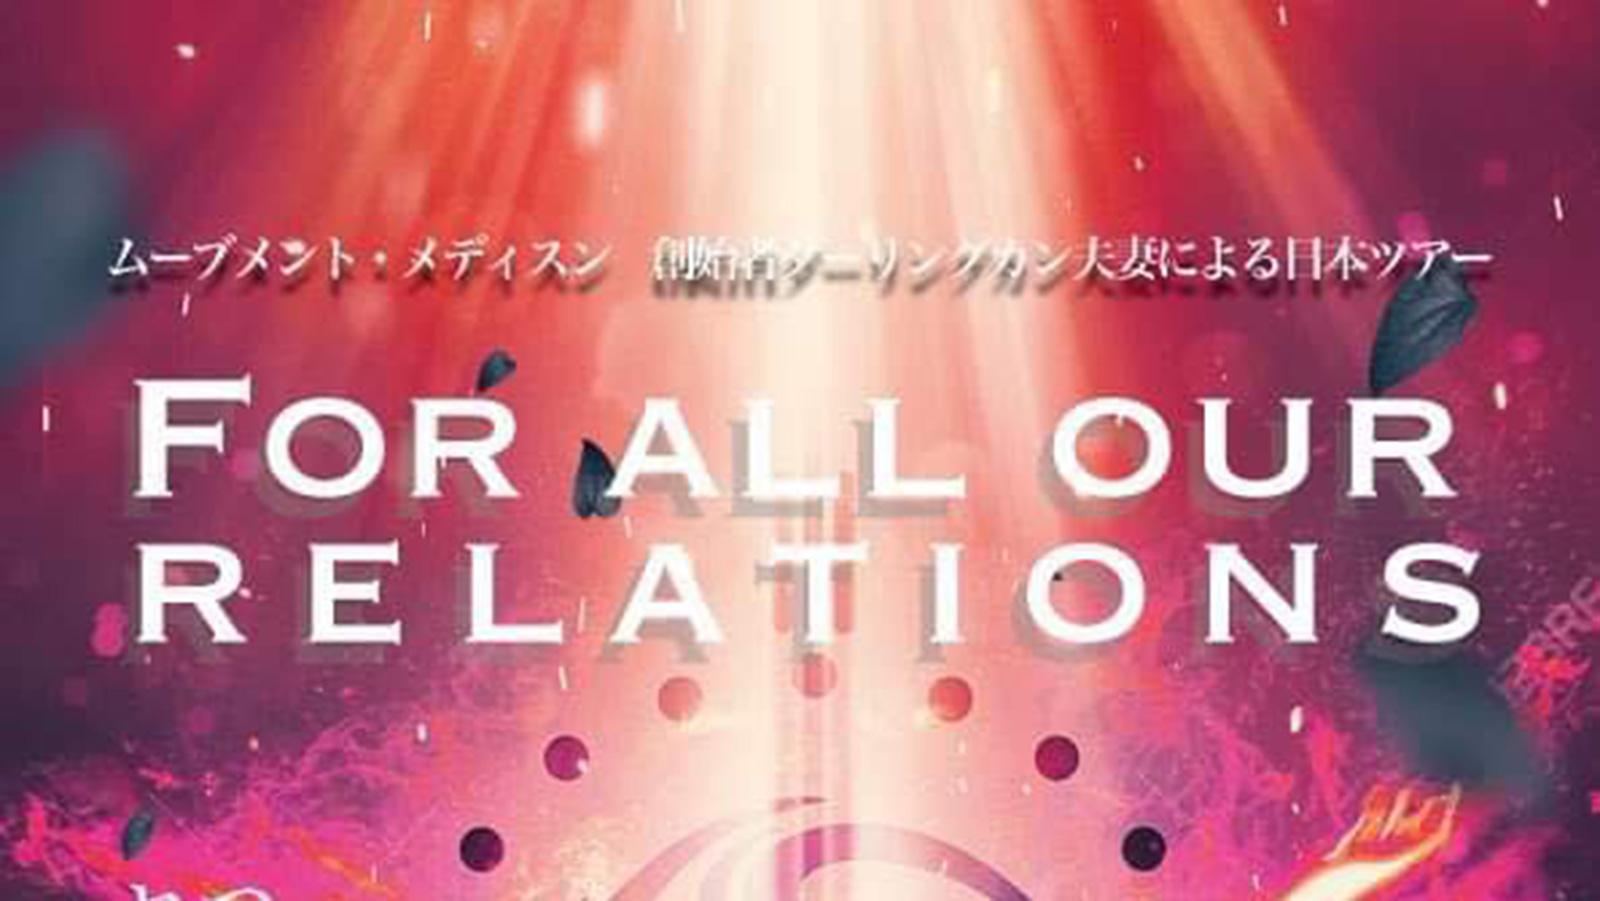 """ムーブメント・メディスン創始者ダーリングカン夫妻によるジャパンツアー""""For all our relations"""""""